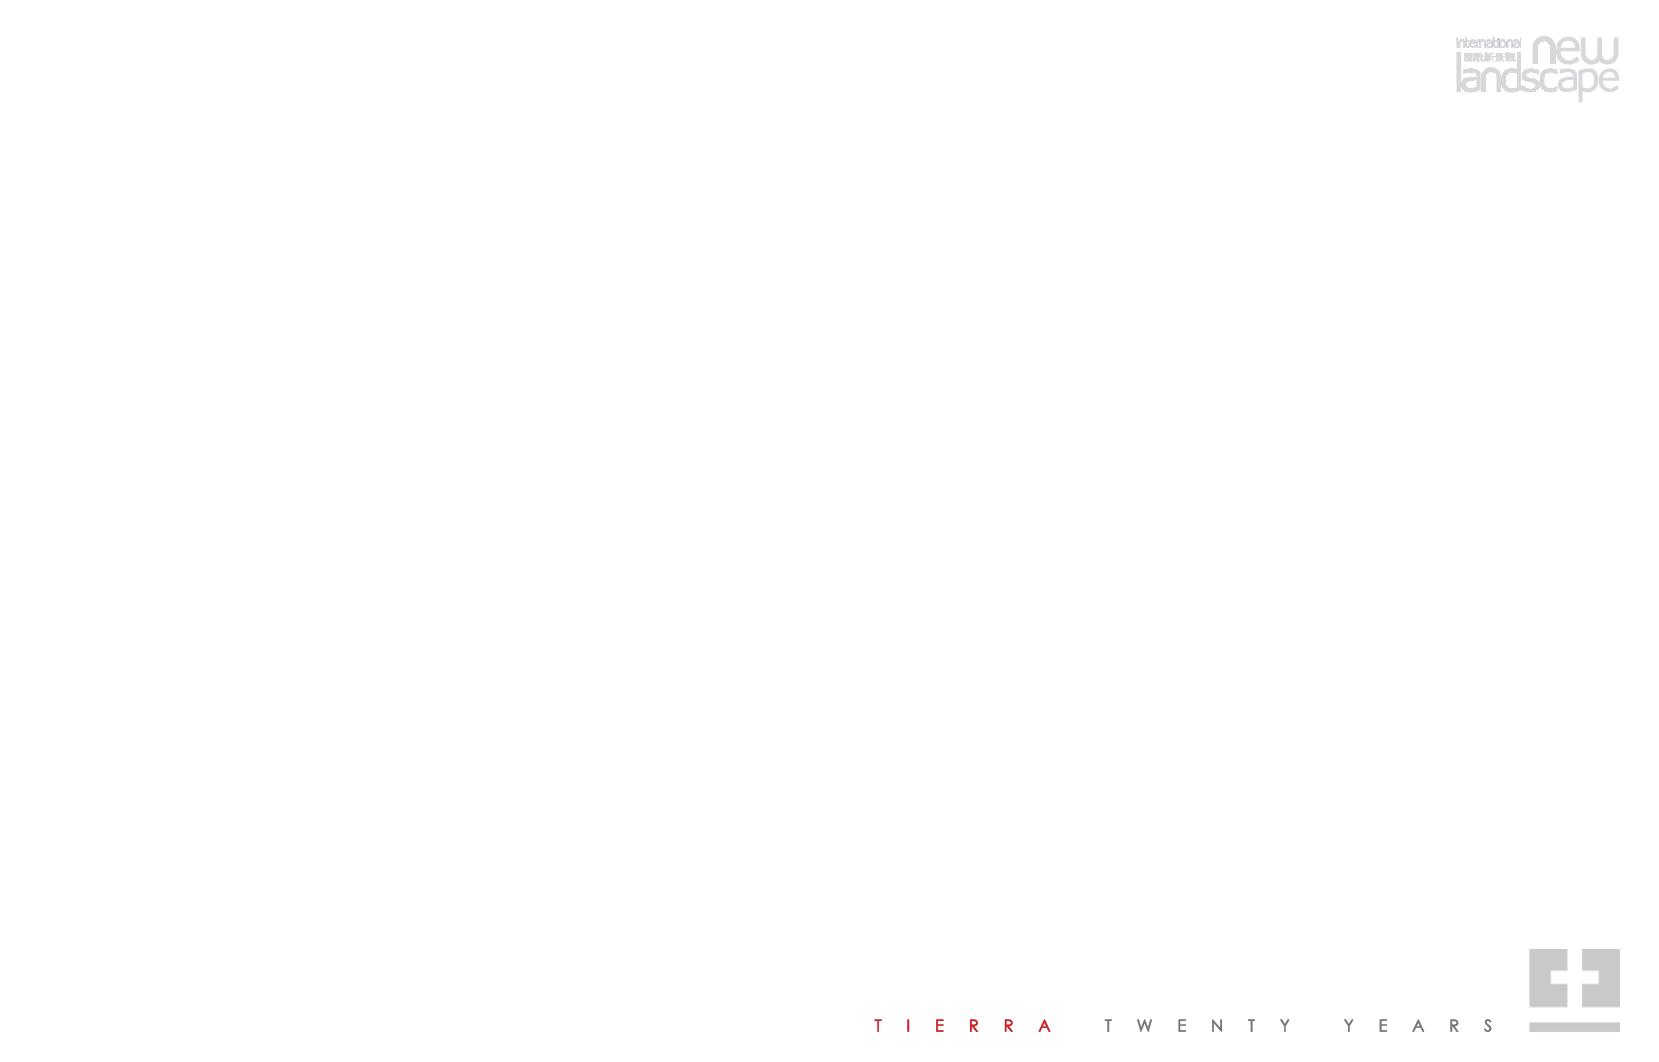 Screen Shot 2017-11-24 at 11.25.49 am.png